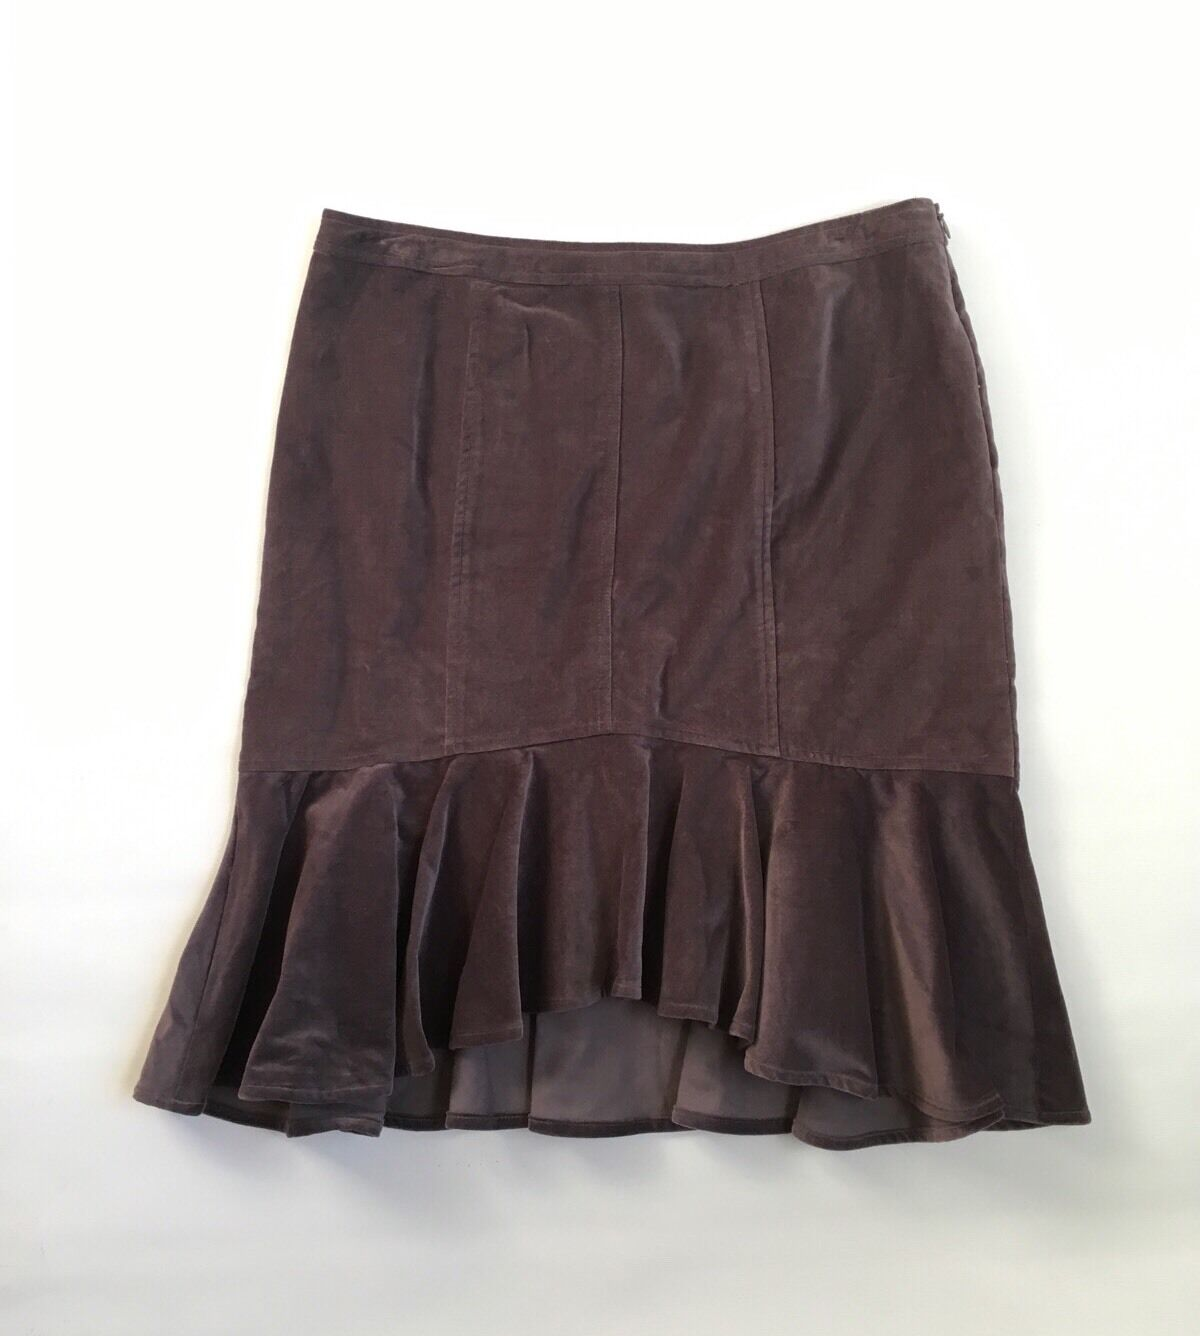 Garnet hill womens skirt size 10 brown velour asymmetrical hem pencil ruffle zip